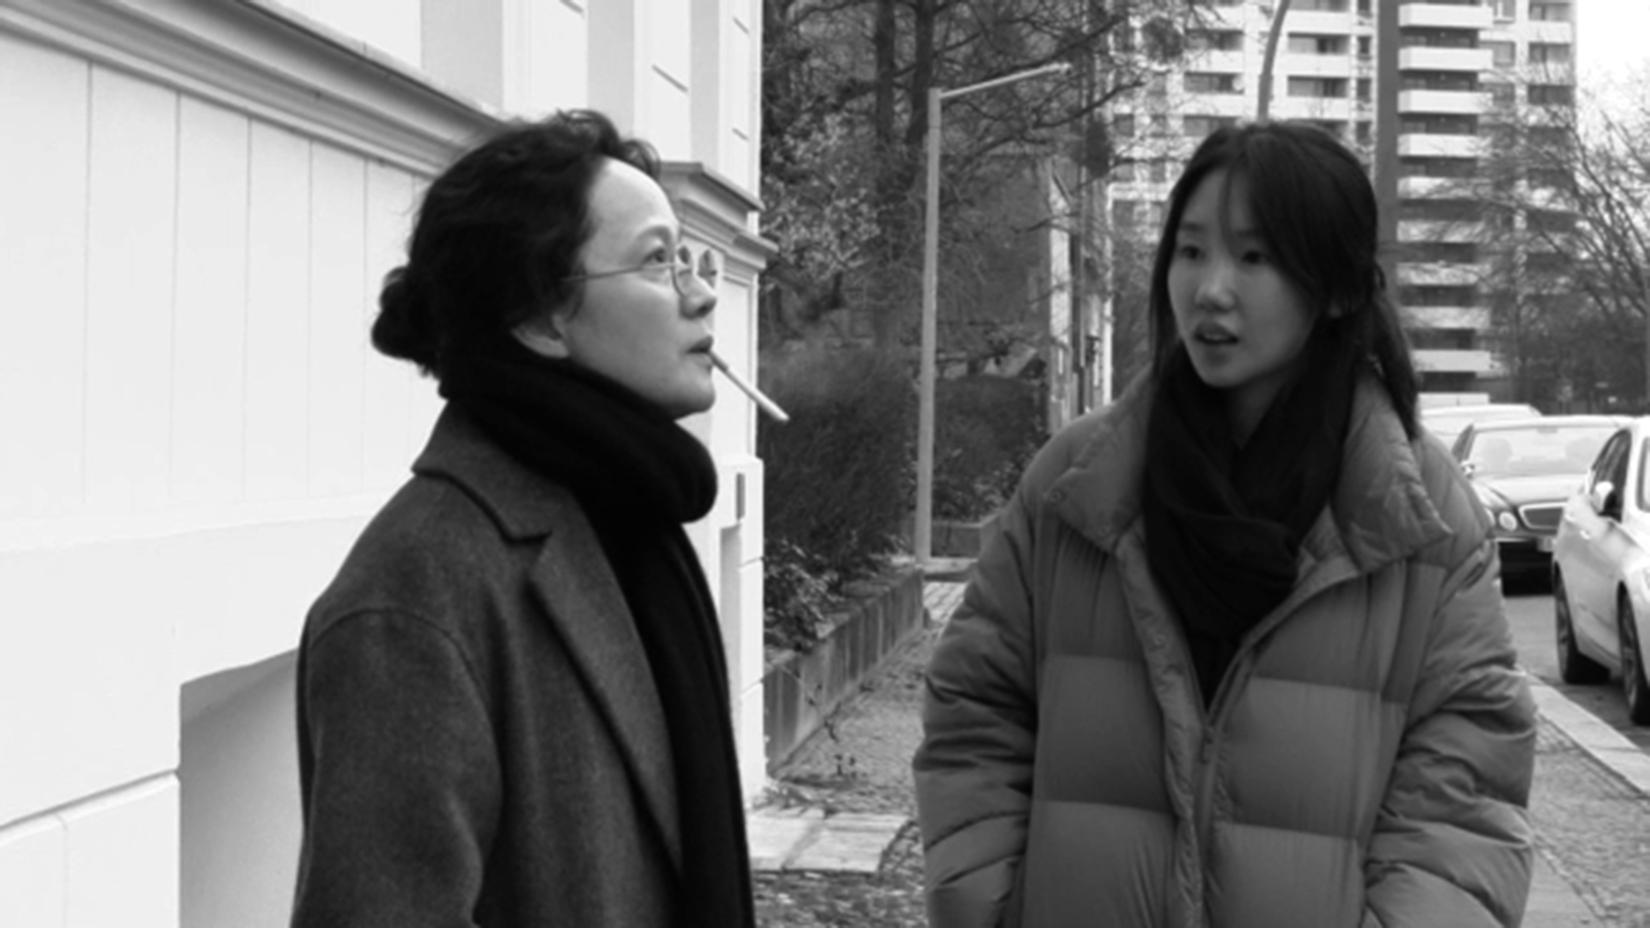 """Seo Younghwa und Park Miso in """"Inteurodeoksyeon"""", einem Film über die Beziehungen zwischen Generationen. Foto: Jeonwonsa Film Co.Production"""